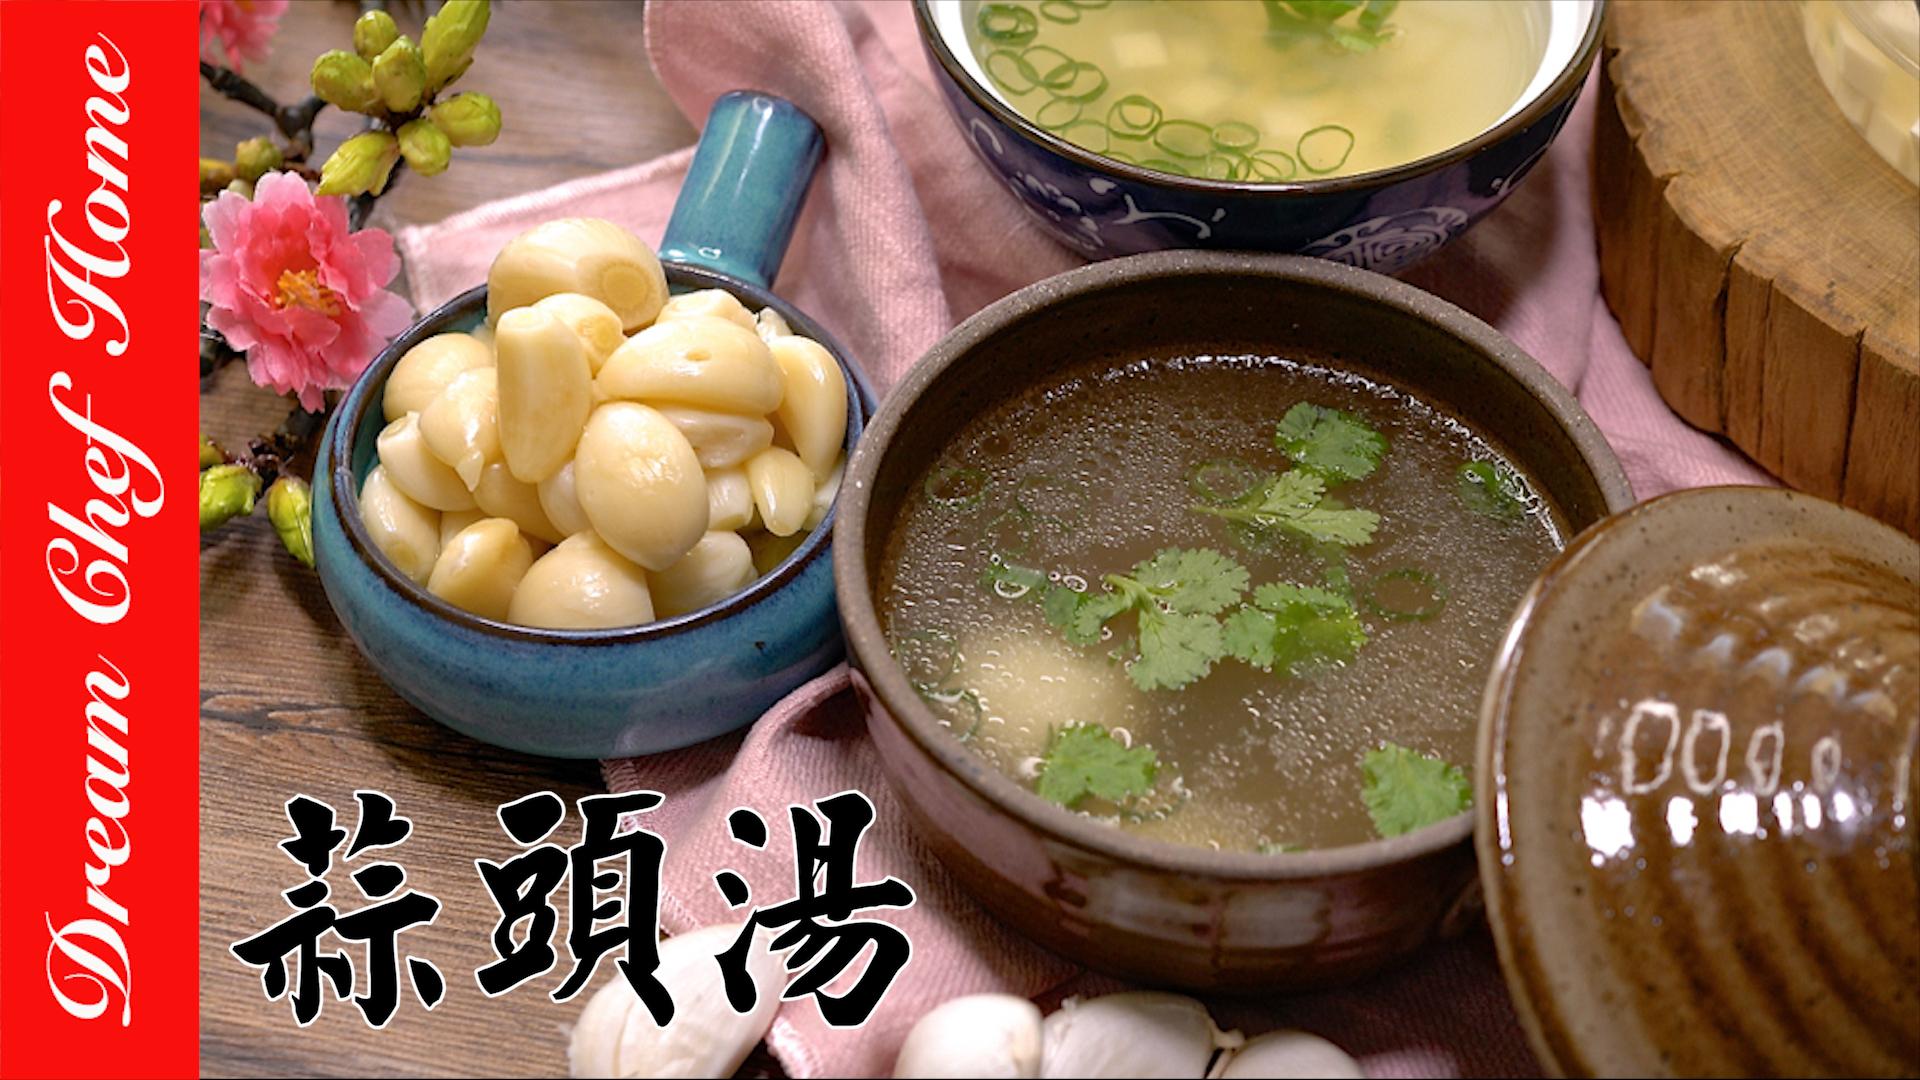 甘甜味美蒜頭湯,世界最簡單的做法,好喝又排毒!